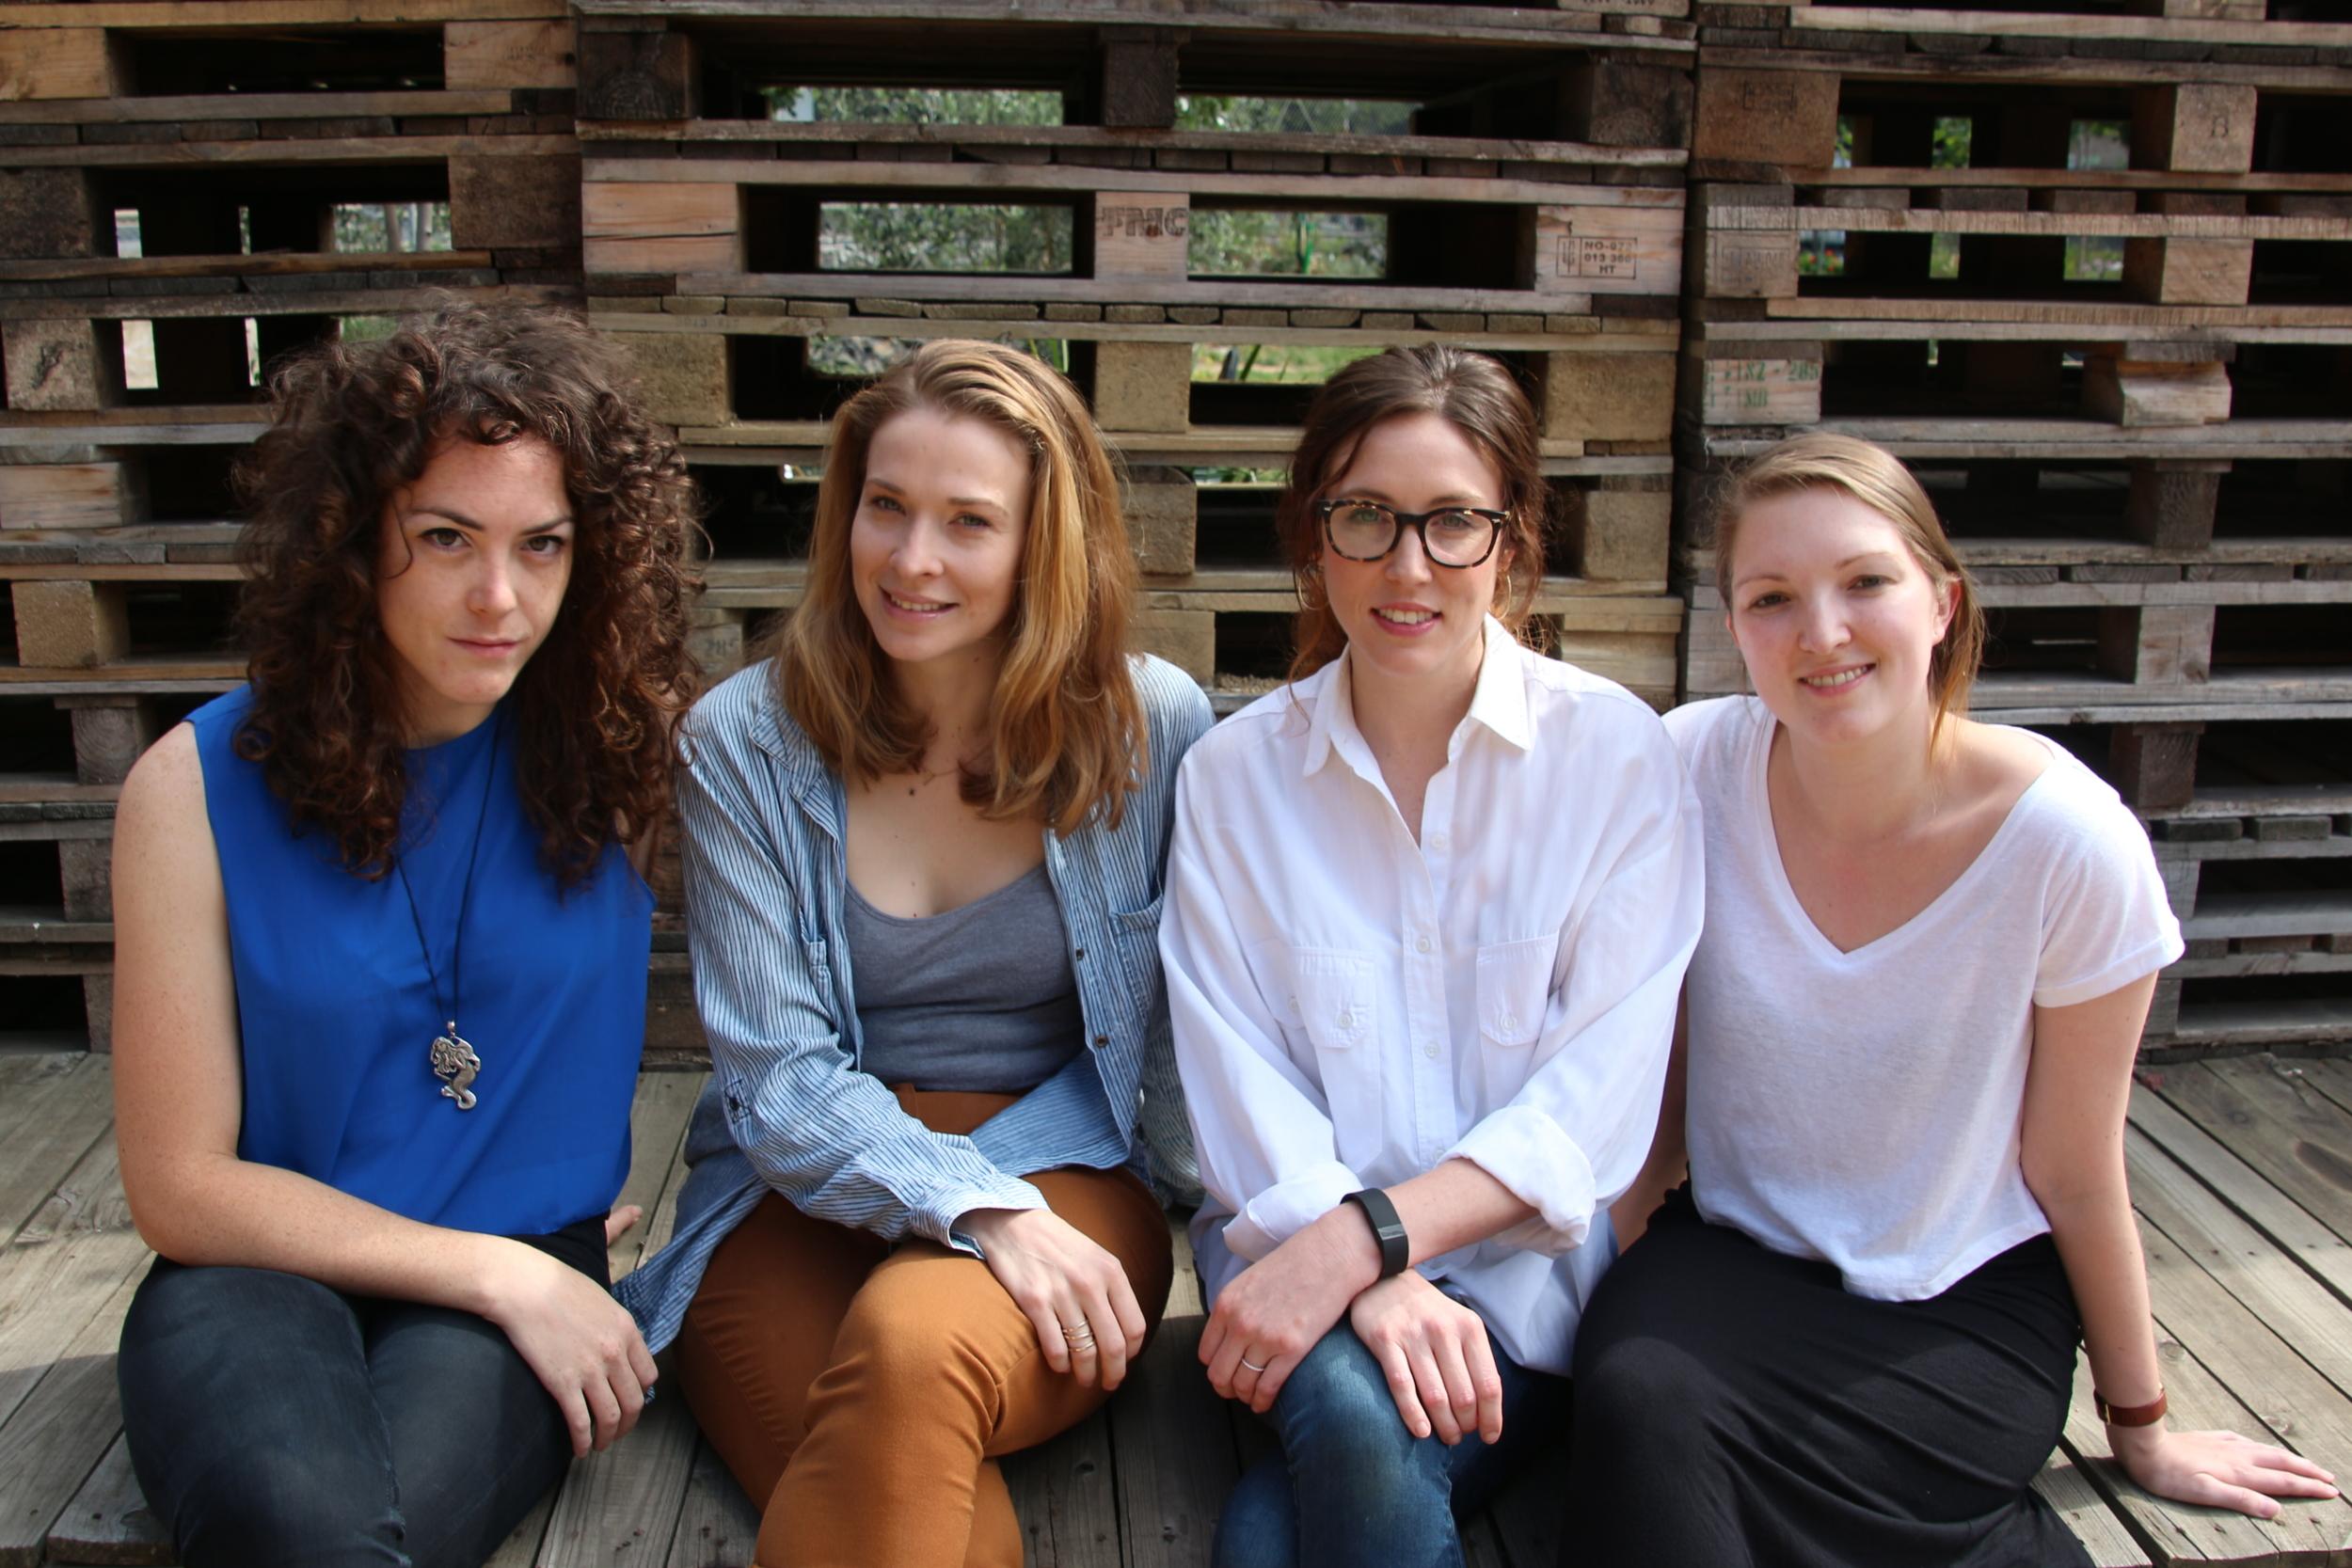 Crestfall actors Freya, Marissa O and Marissa B with director Jayde